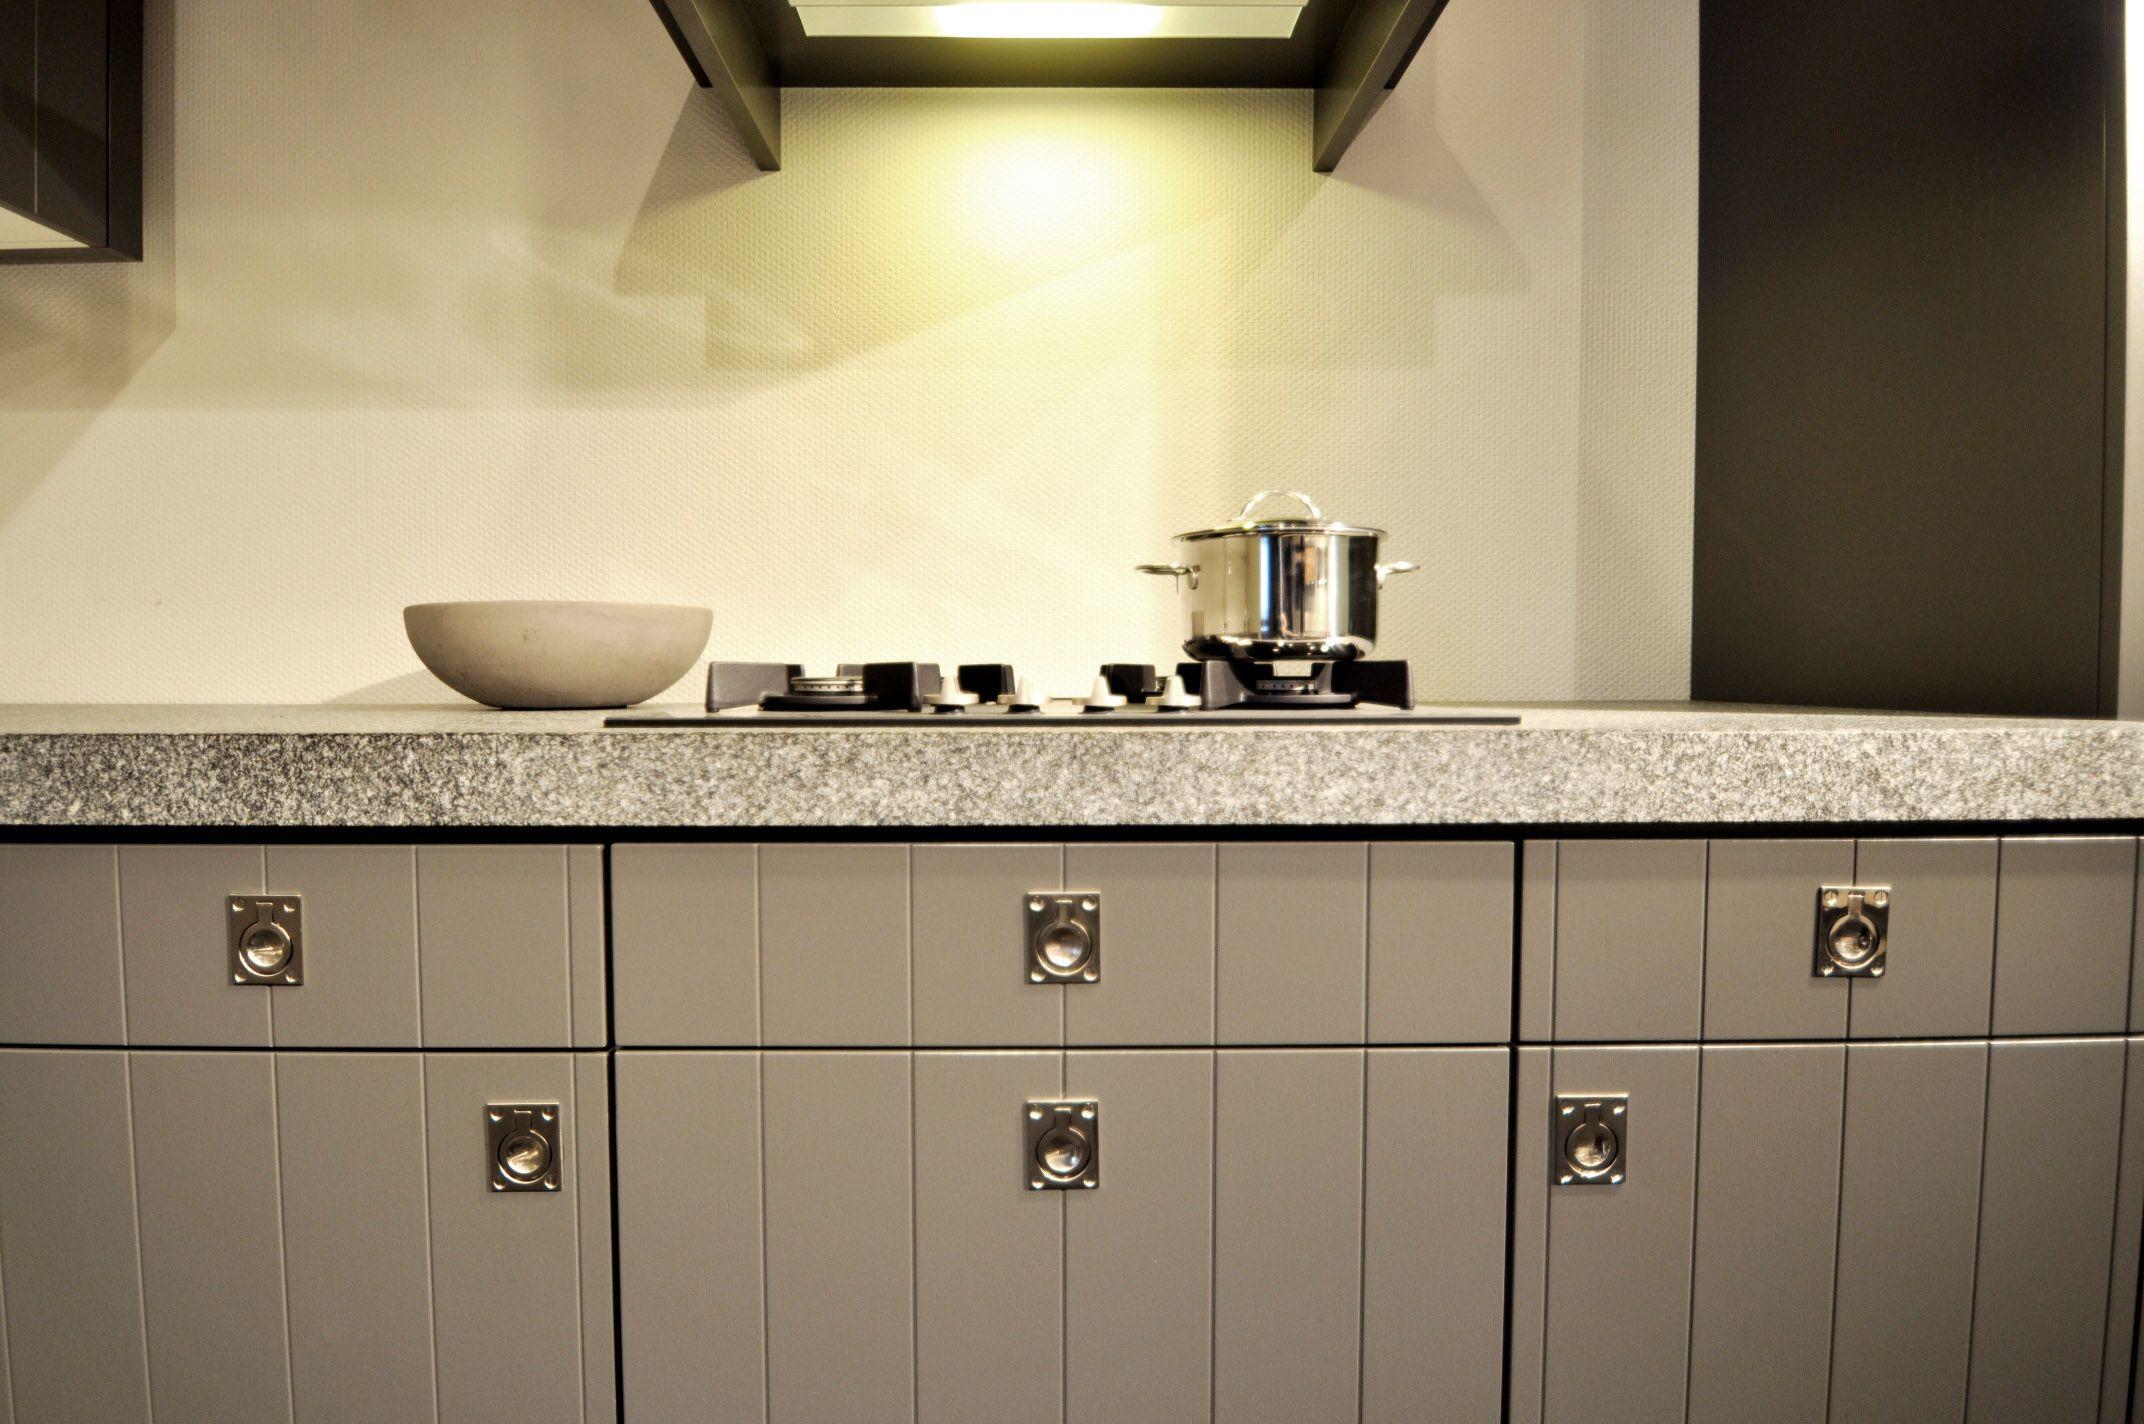 Landelijke Keukens Ikea : Ikea keuken grijs landelijk u2013 informatie over de keuken